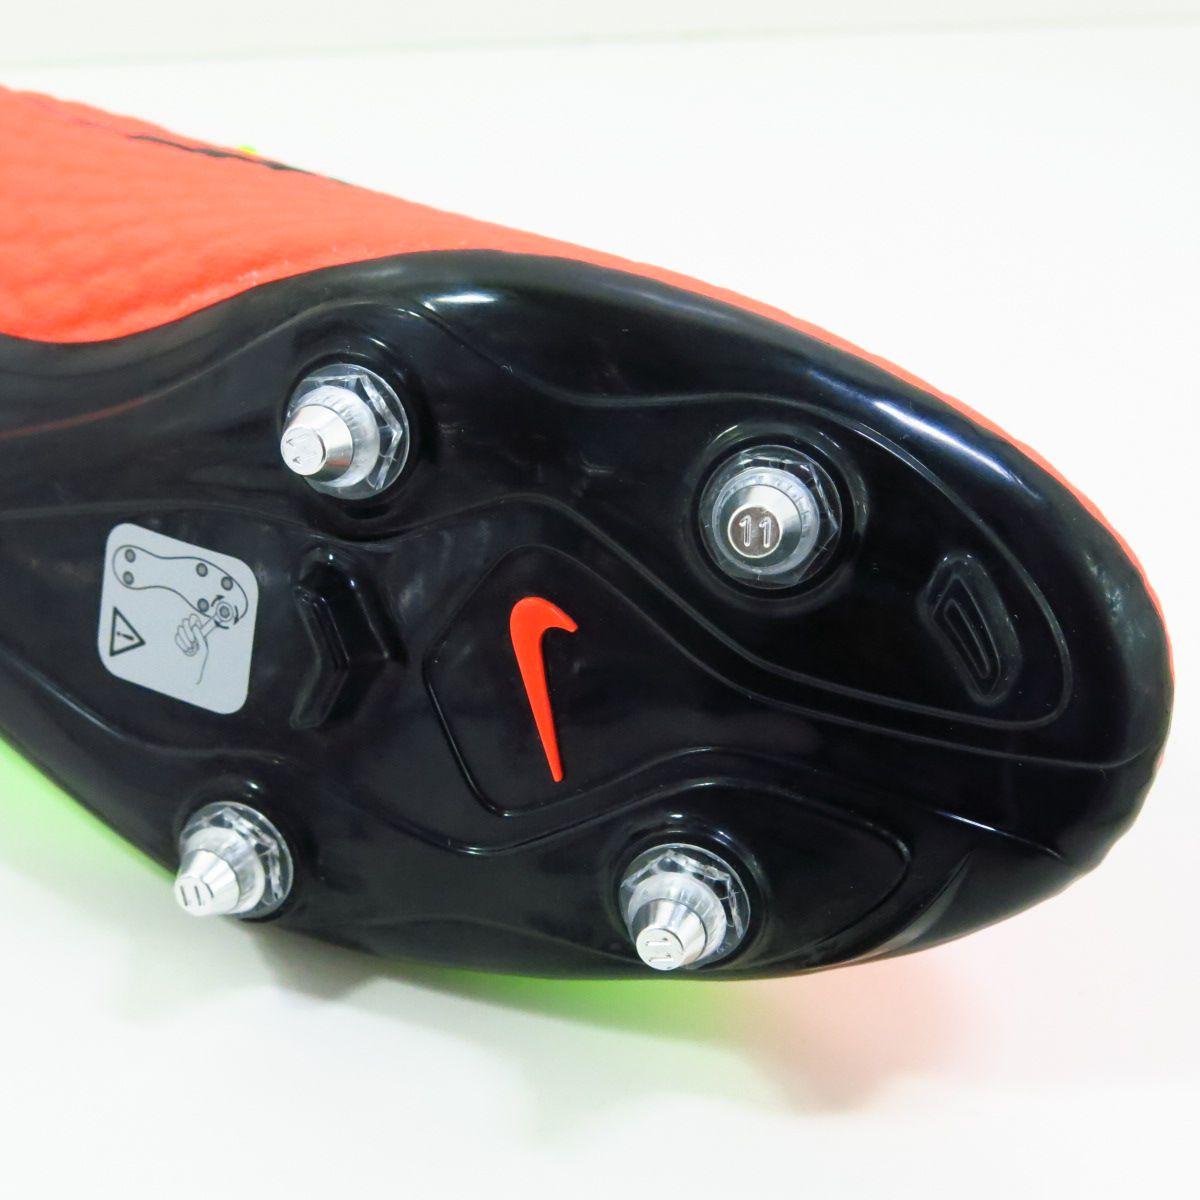 Chuteira Nike Hypervenom Phelon SG - 6 Travas